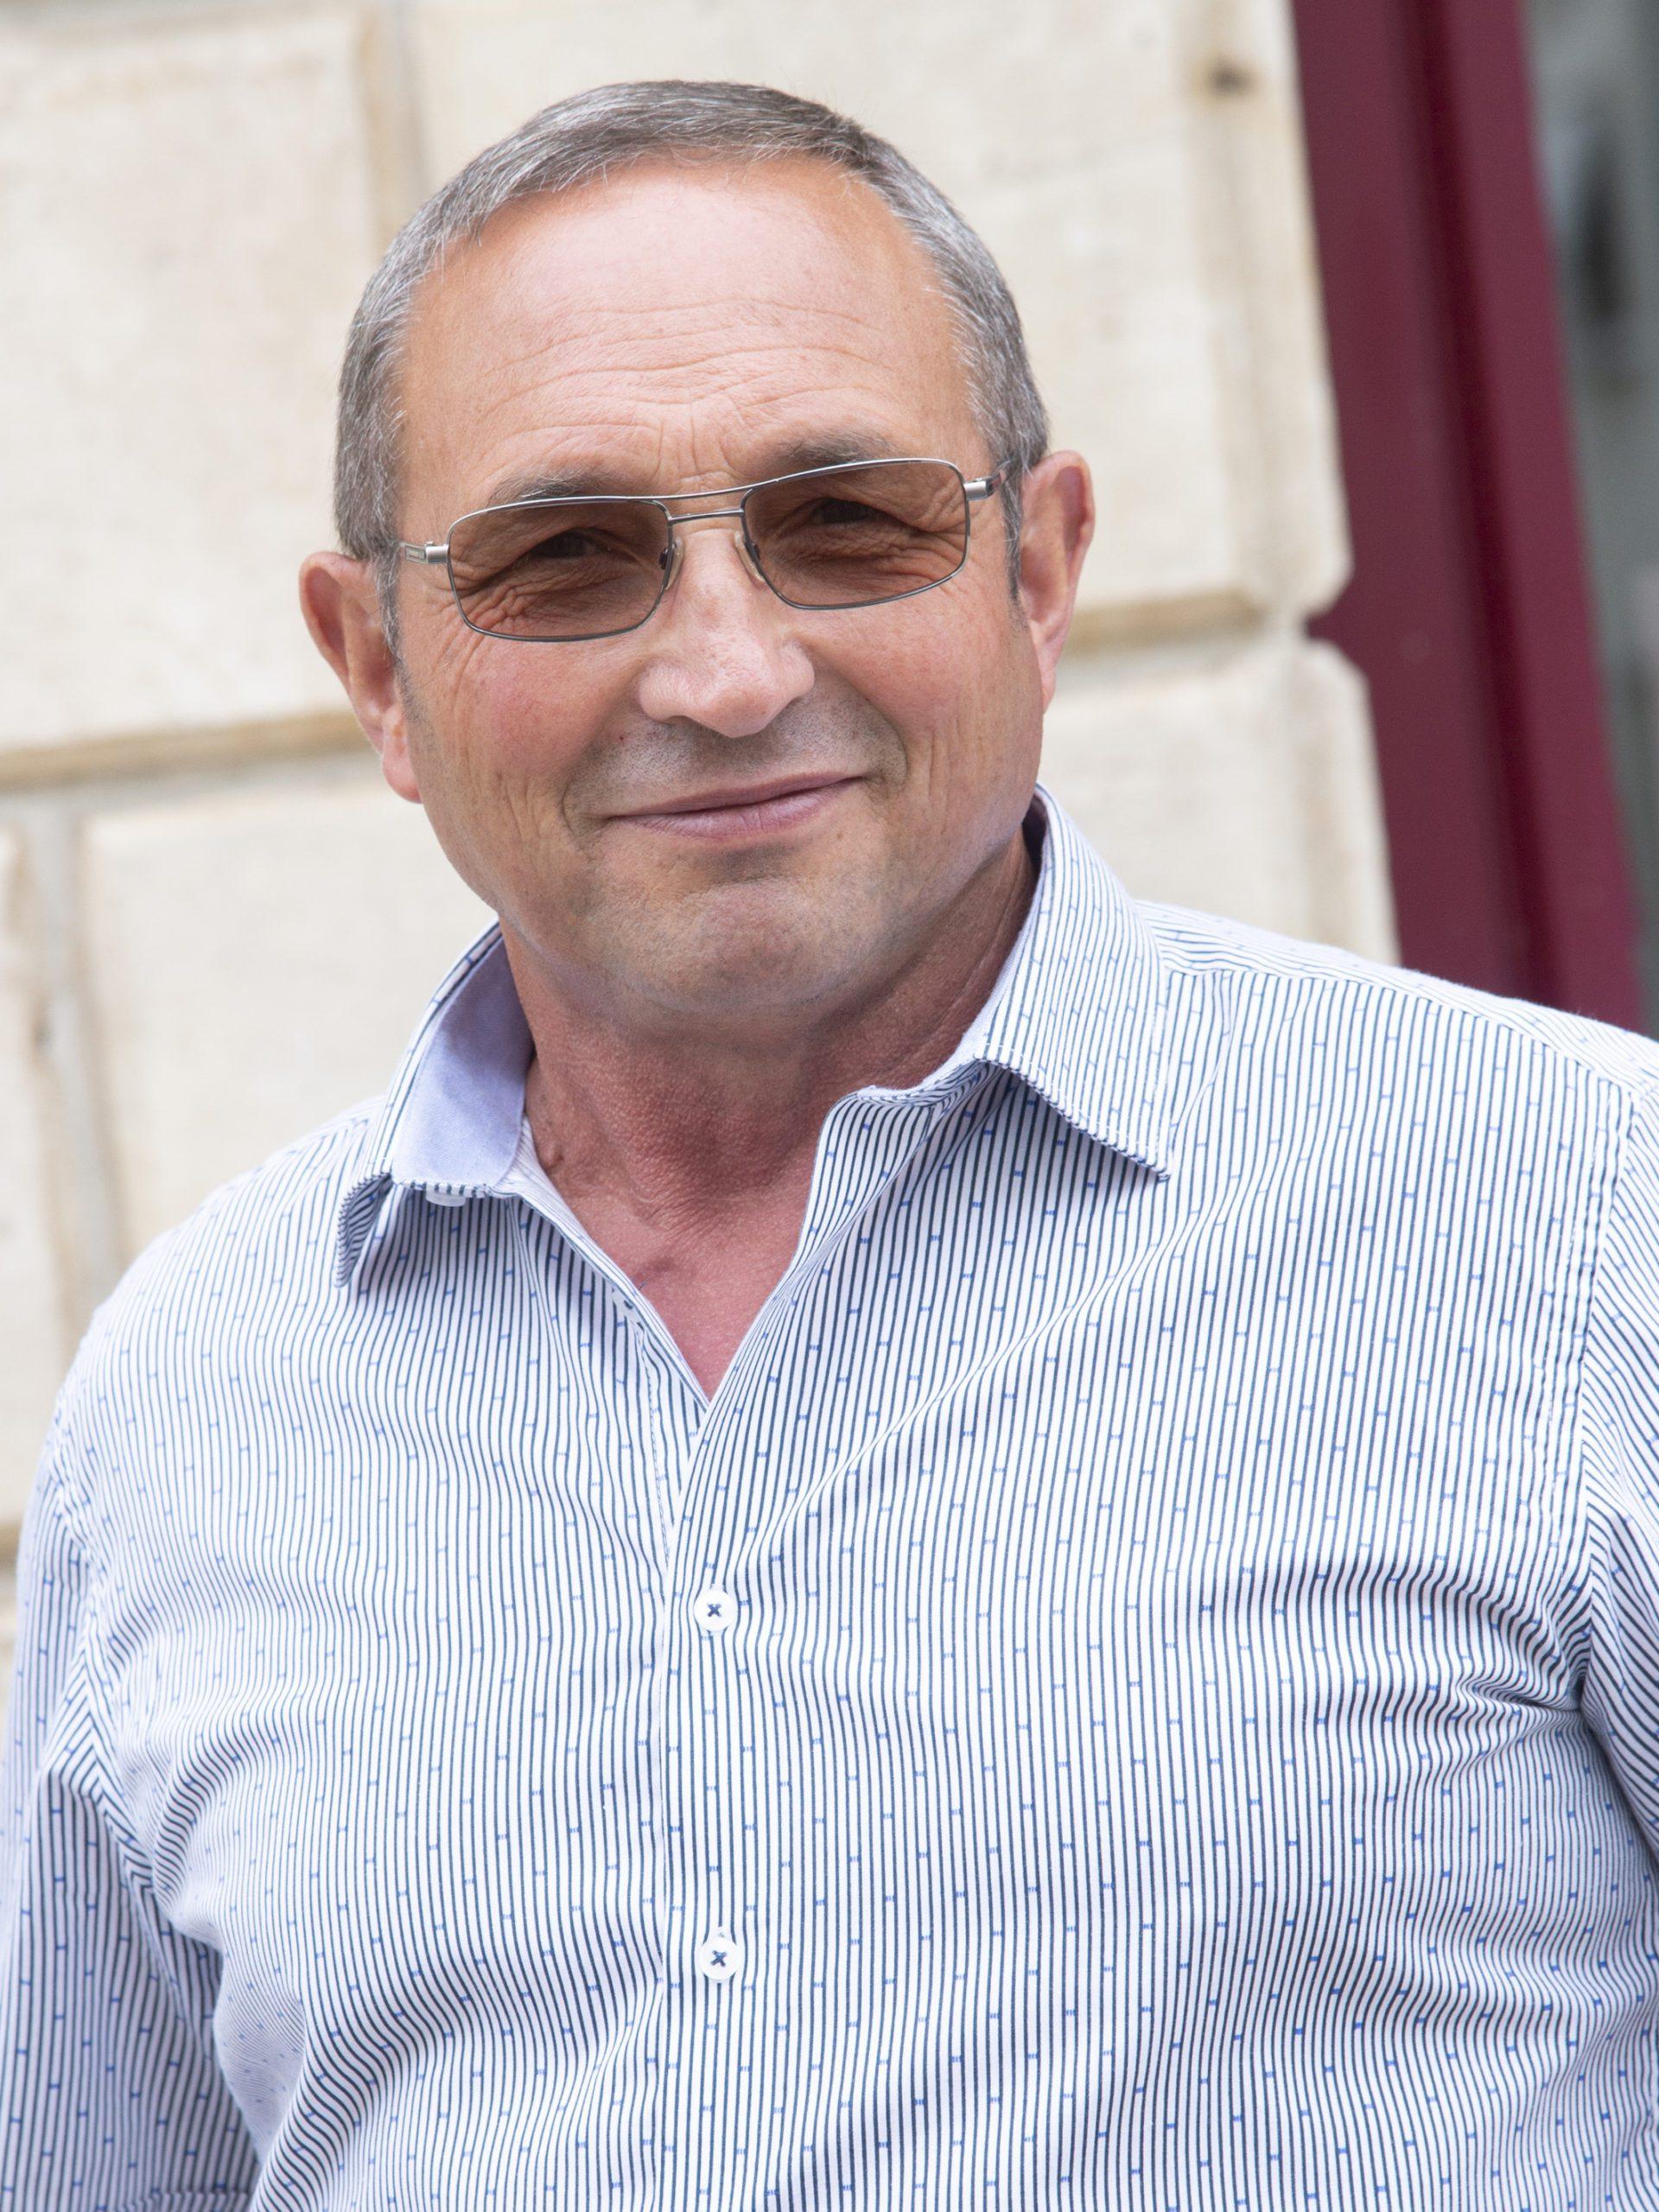 Jean-Pierre Bluteau